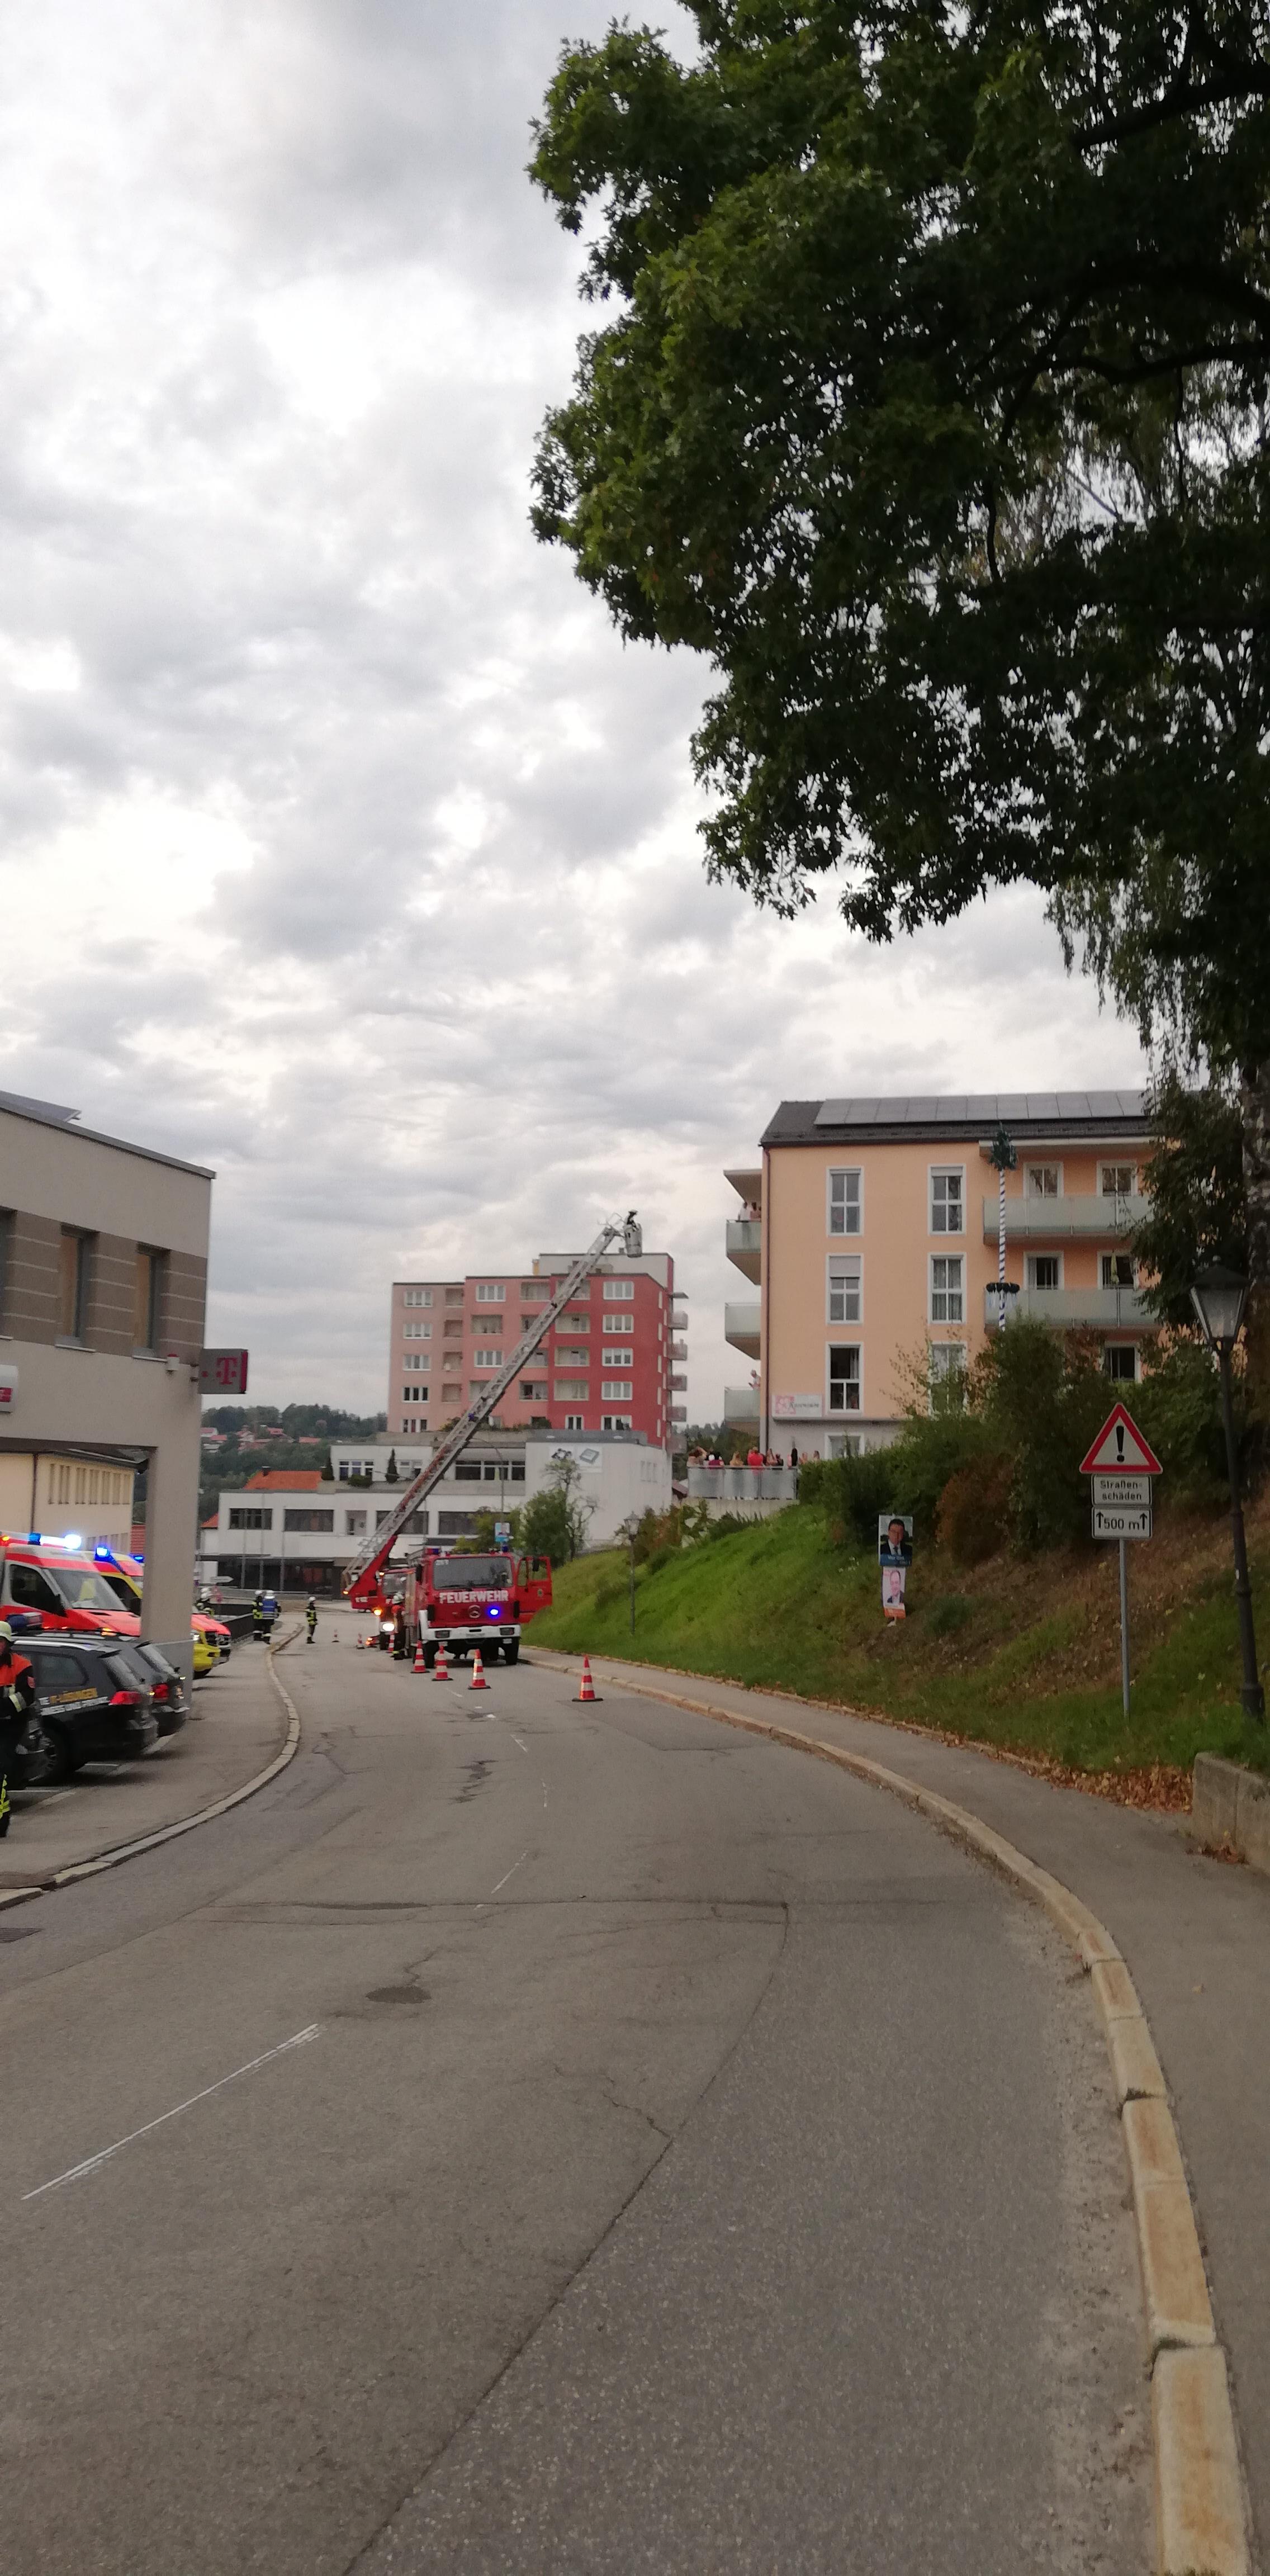 Brandschutzwoche 2018 - Einsatz der Drehleiter